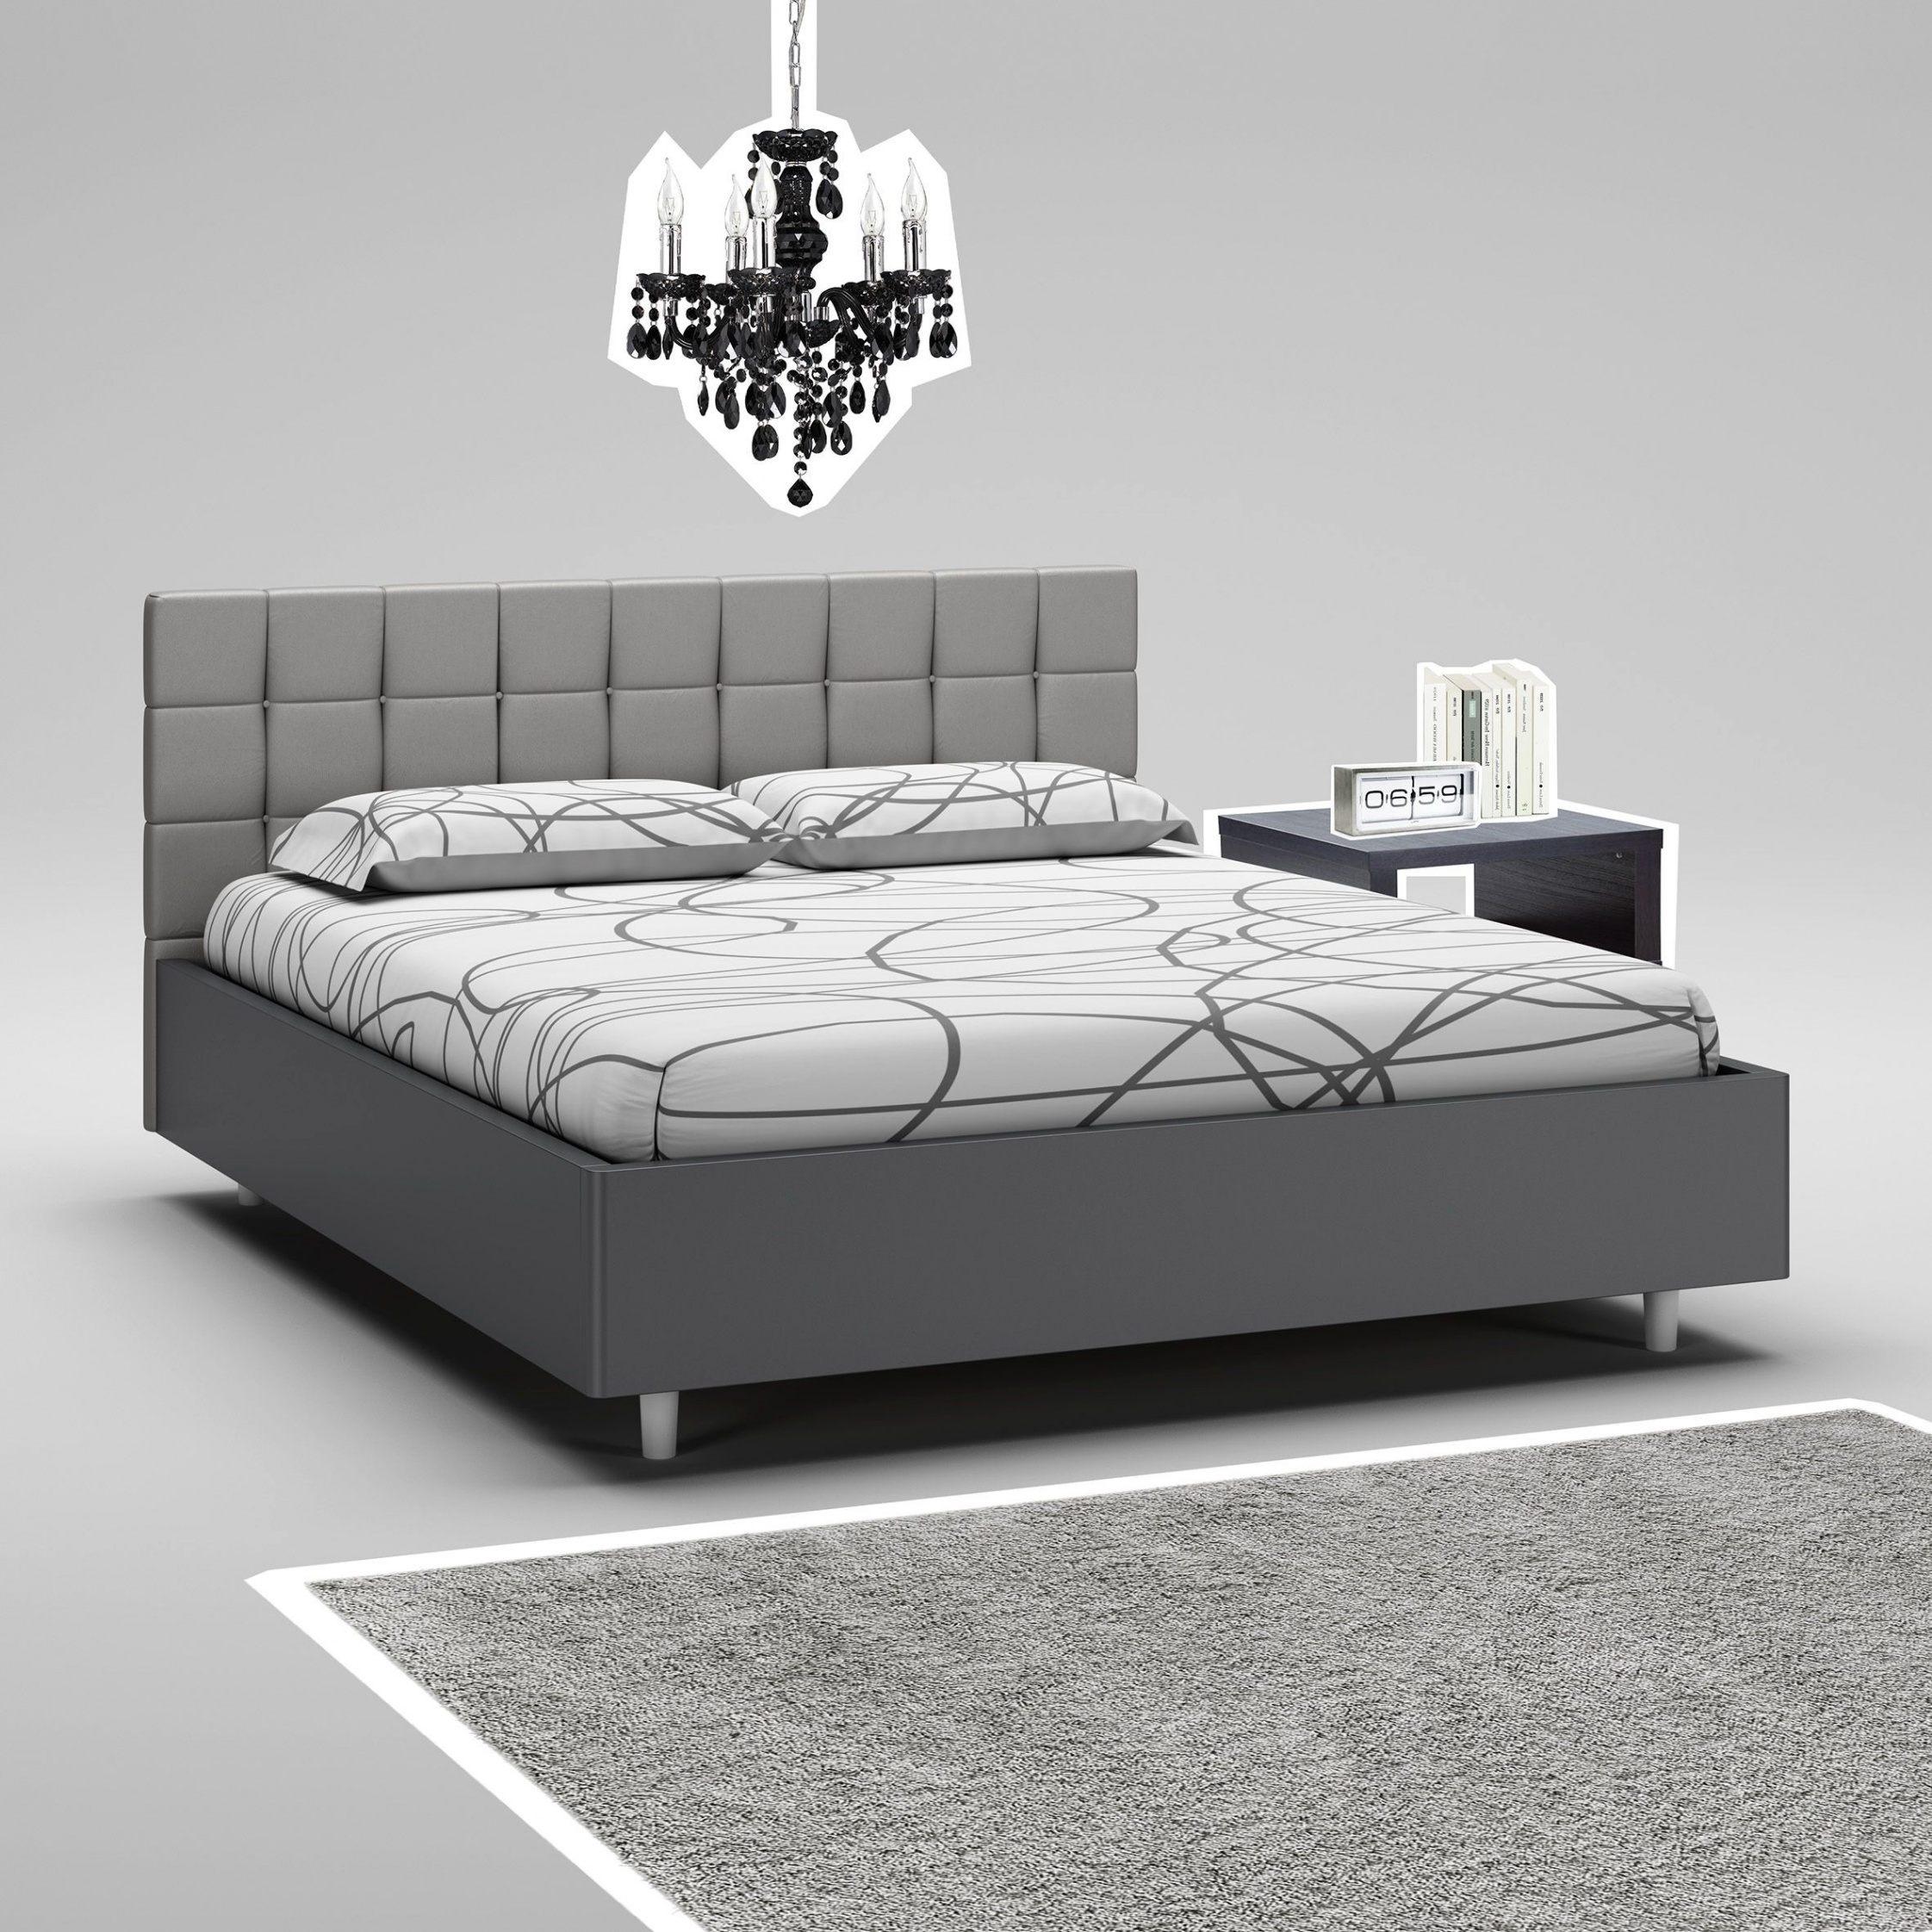 Lit Design 160x200 Belle Lit Design 160x200 Lit Baldaquin 160x200 En Pin Blanc Cassé Lit De